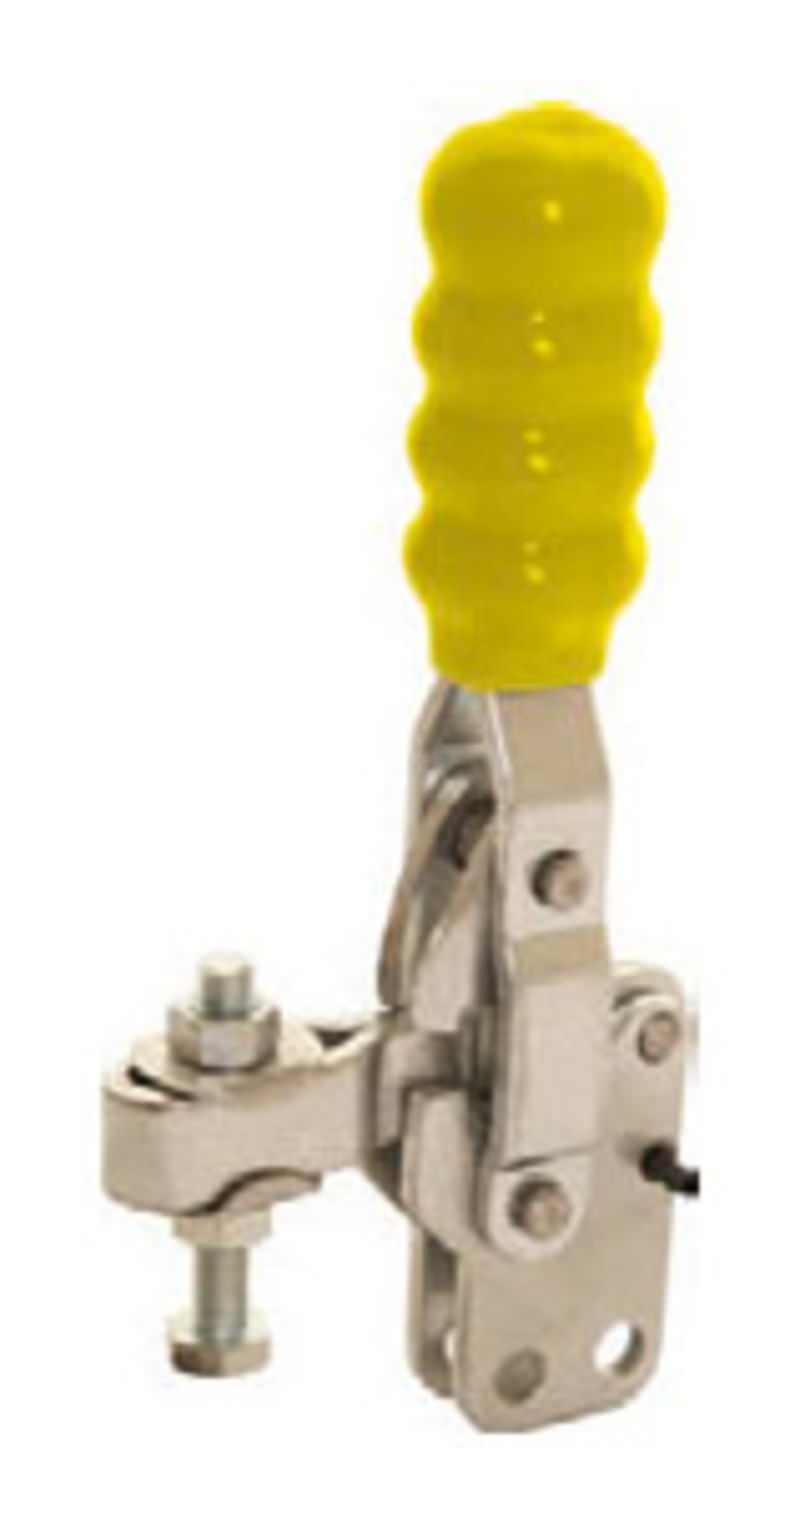 Handspanner Vertikalspanner TS-V-113-U